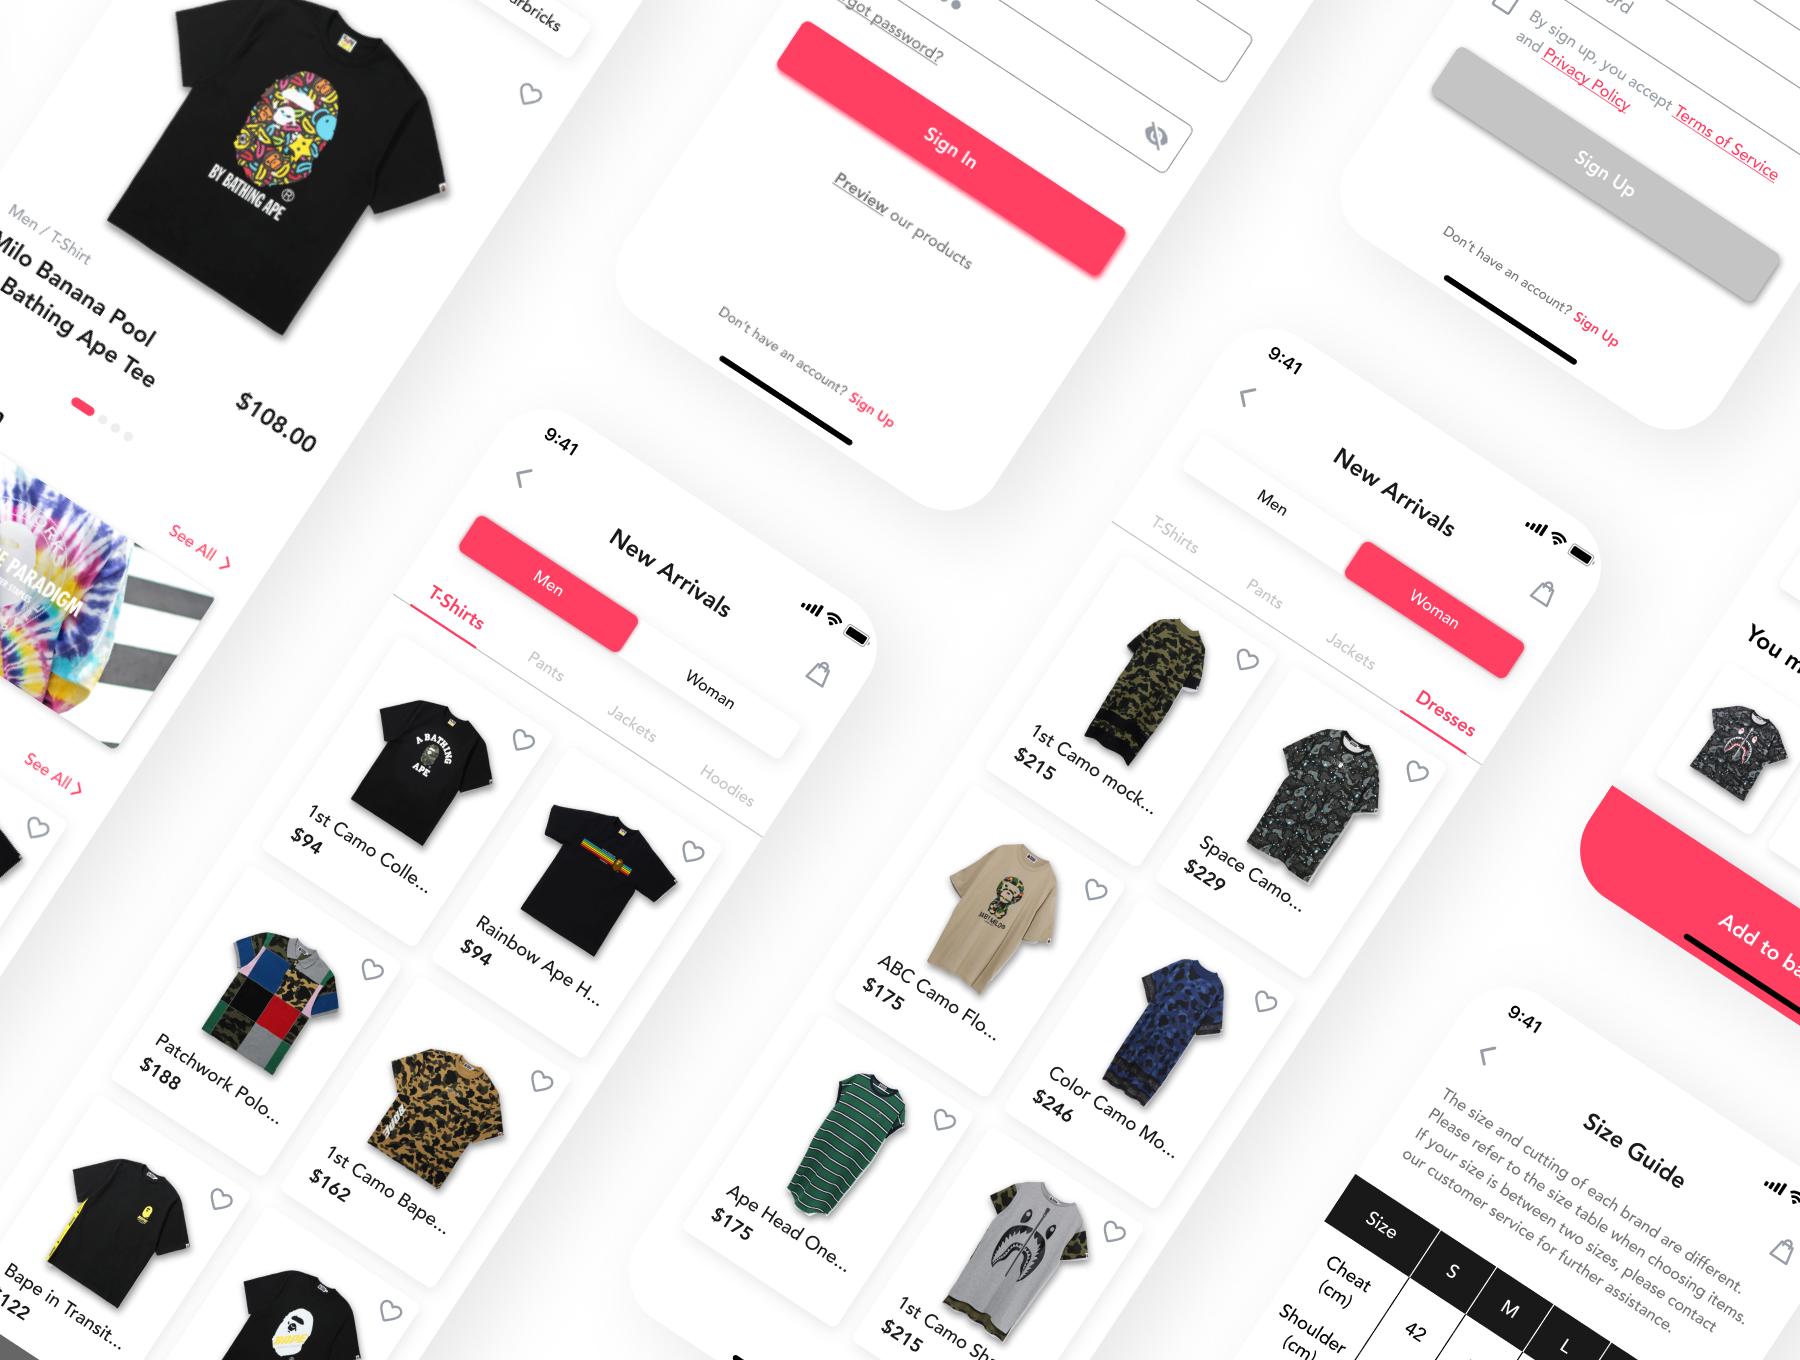 在线购物电子商务应用程序APP UI套件FIG模板 HypeBeast – E-commerce App UI Kit插图(6)